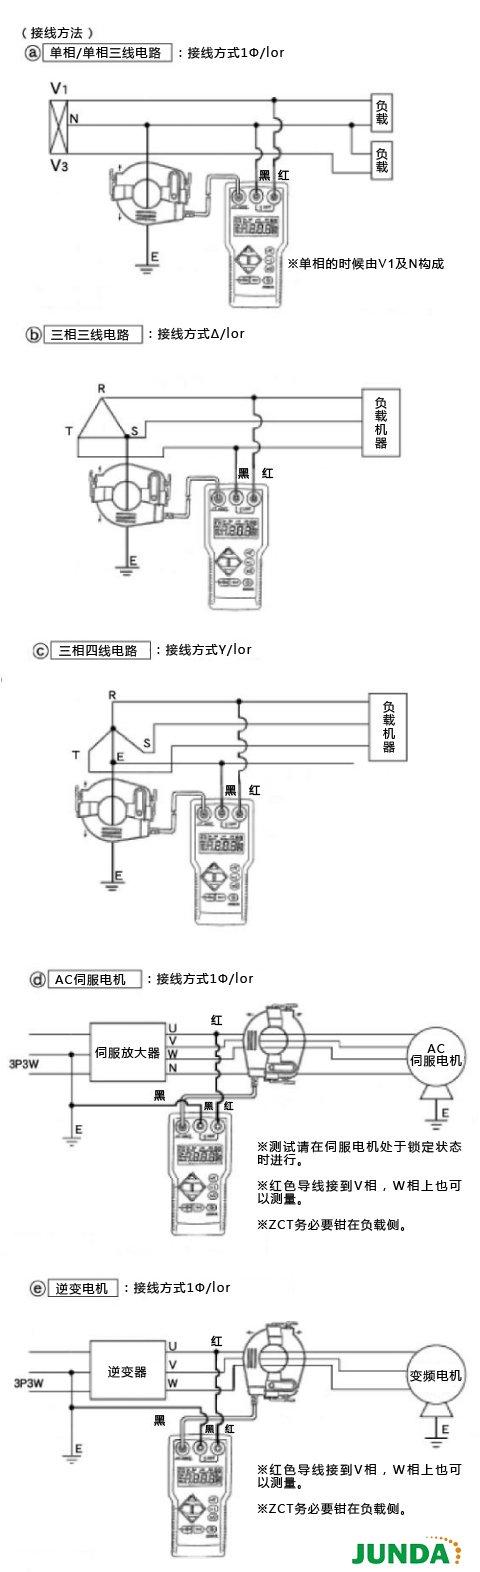 电路绝缘电阻的在线高精度测试